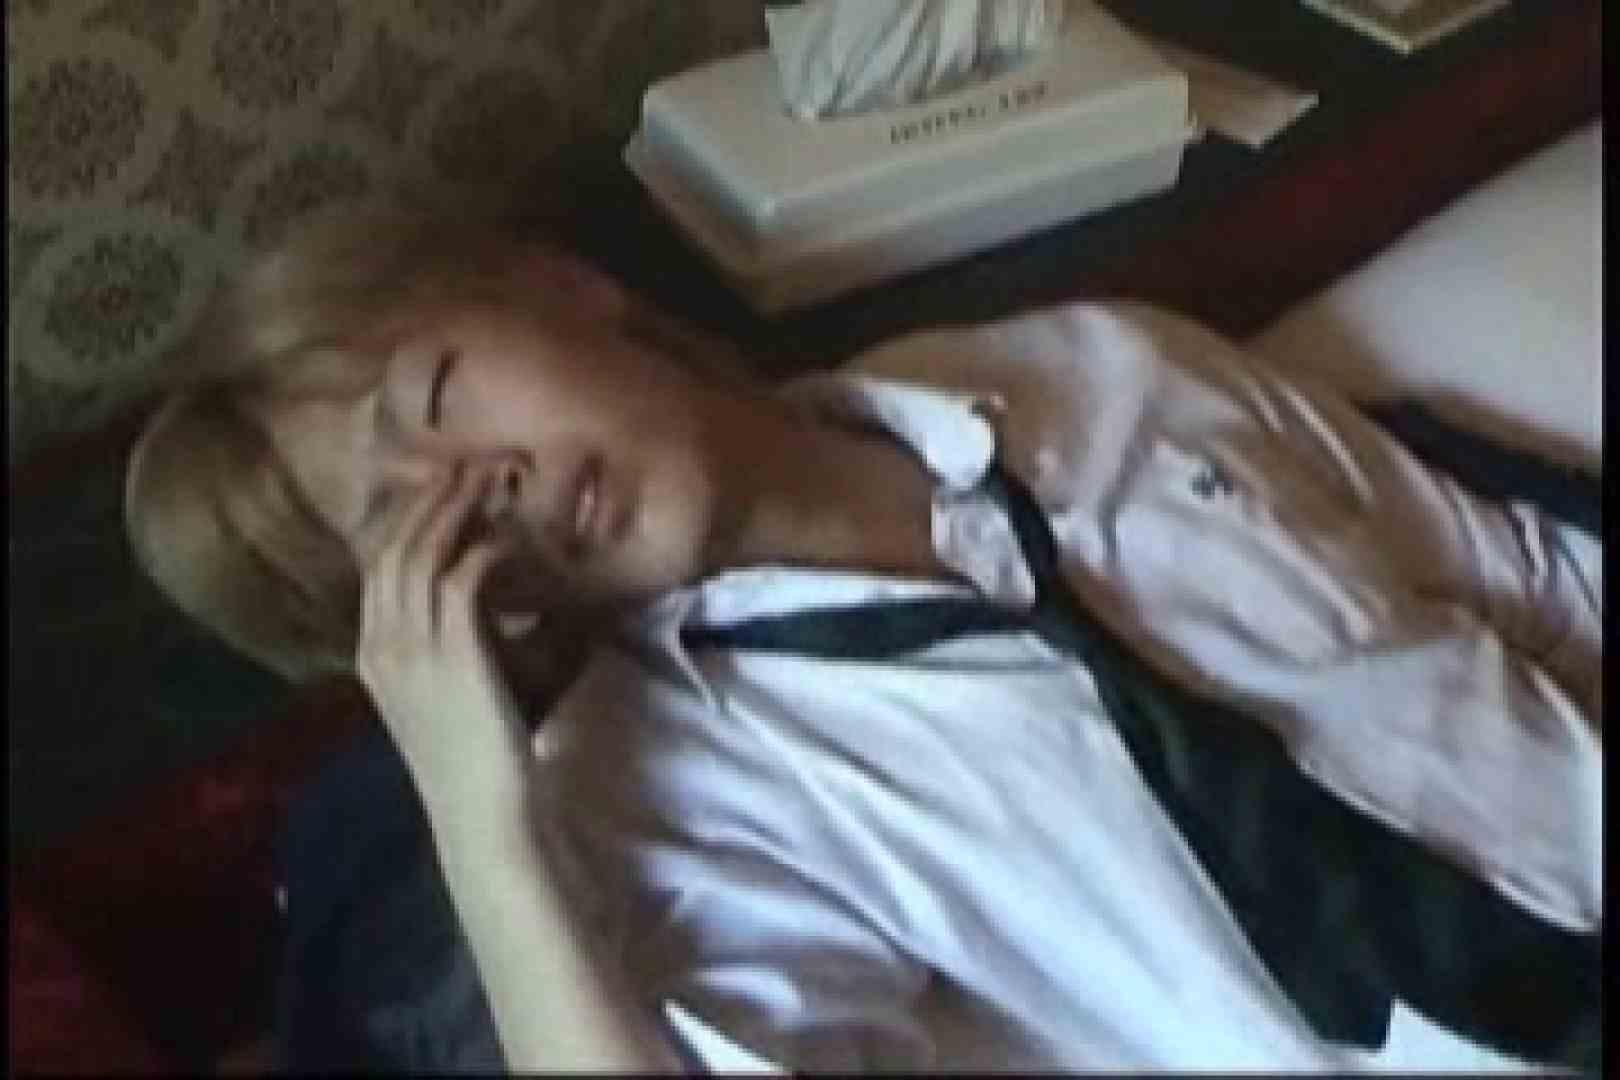 【流出】知られざる僕の秘密…vol.01 ハメ撮り放出 ゲイ無料エロ画像 102pic 95